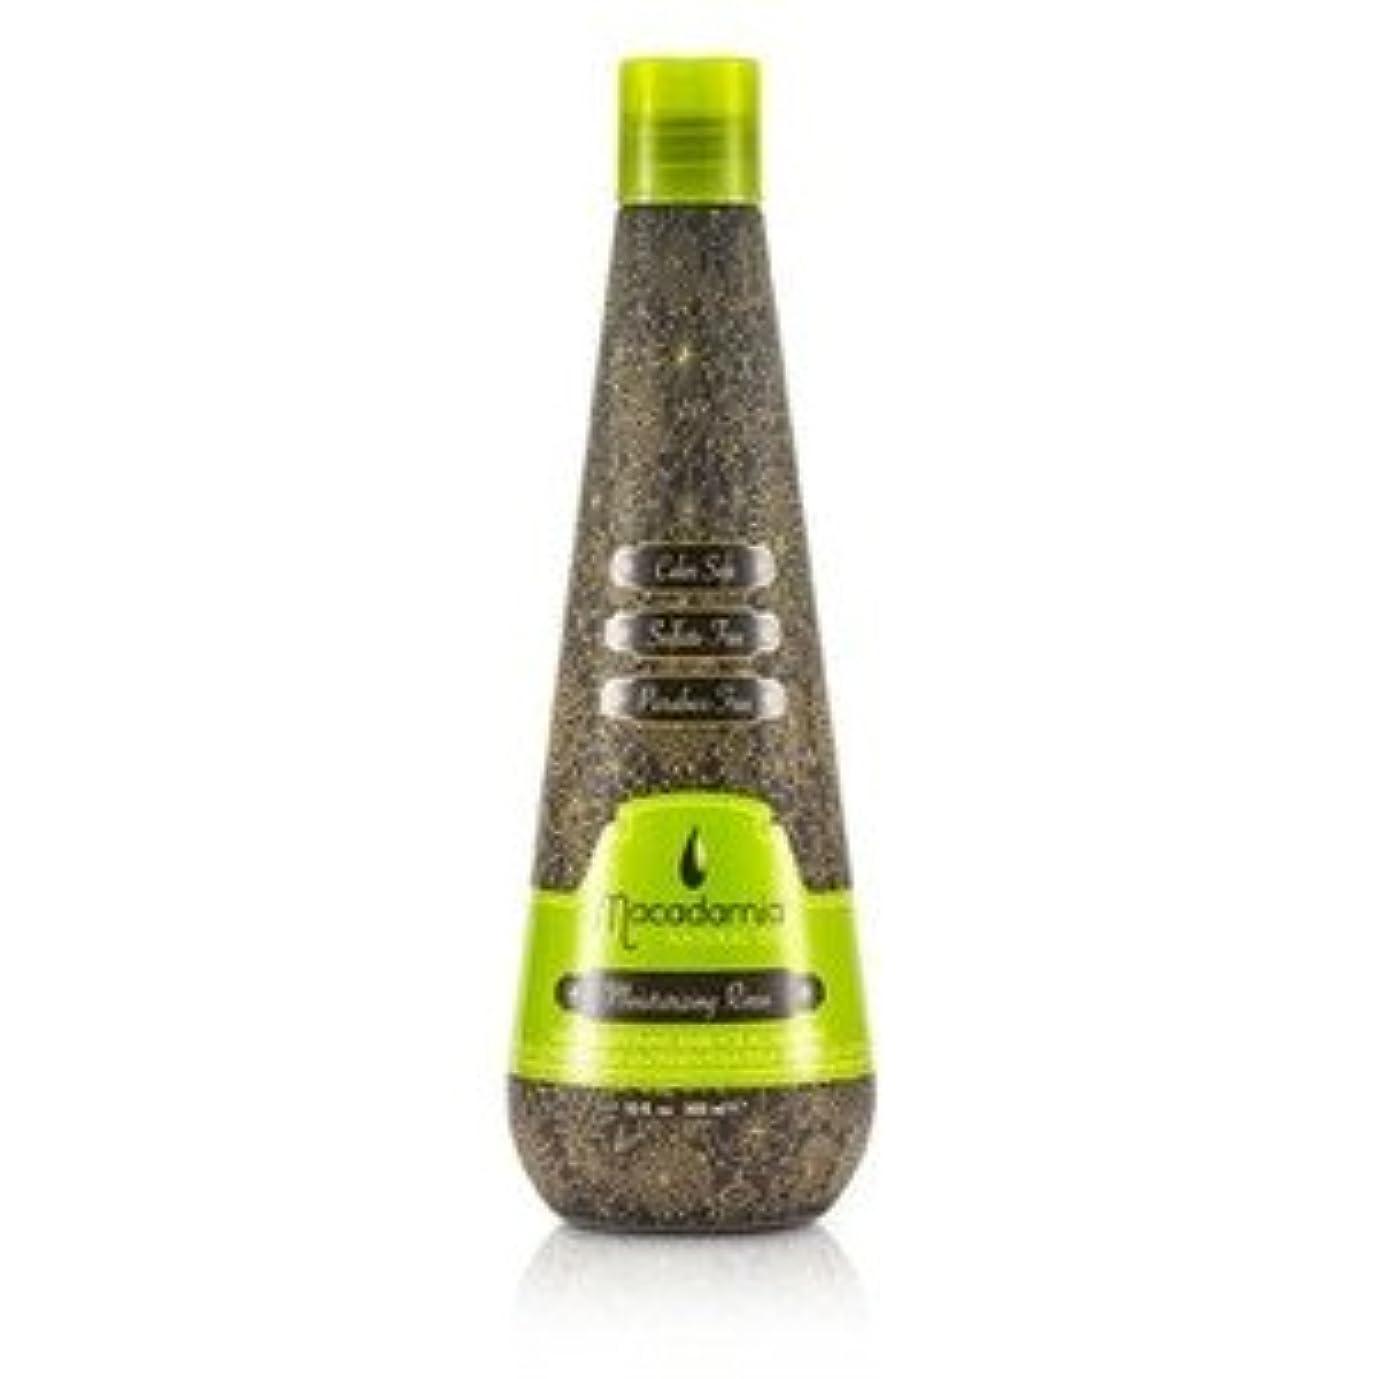 配当島カメラマカダミア ナチュラルオイル(Macadamia NATURAL OIL) モイスチャライジング デイリー コンディショニング リンス(オールヘアタイプ) 300ml/10oz [並行輸入品]